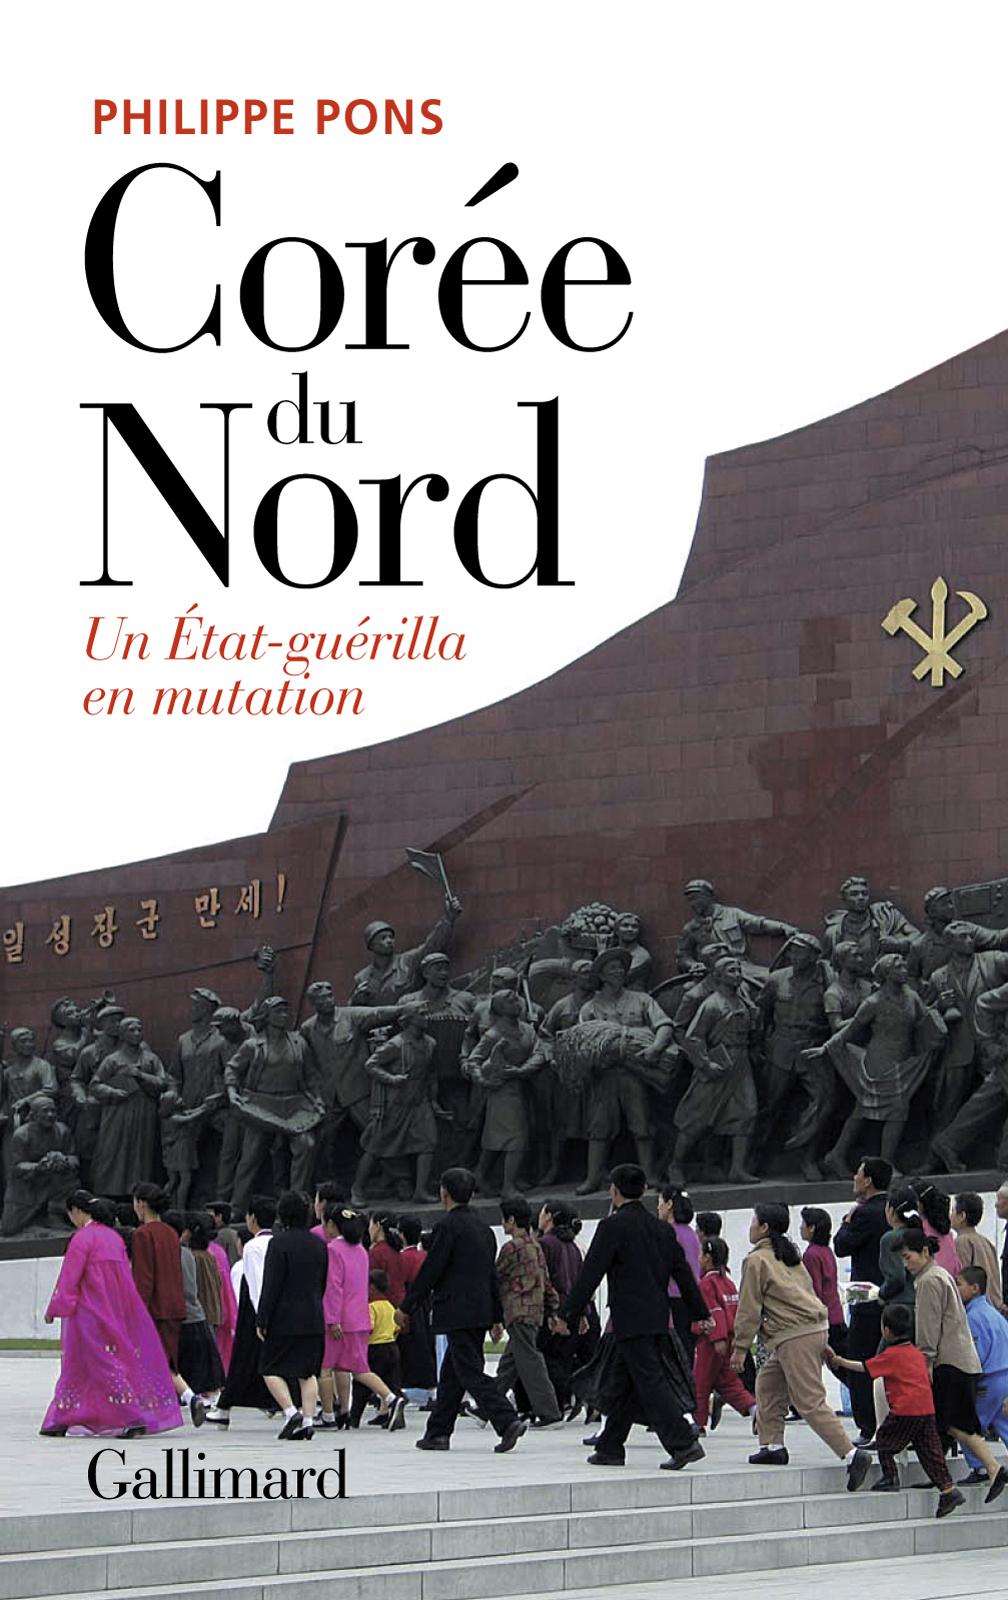 Corée du Nord. Un État-guérilla en mutation